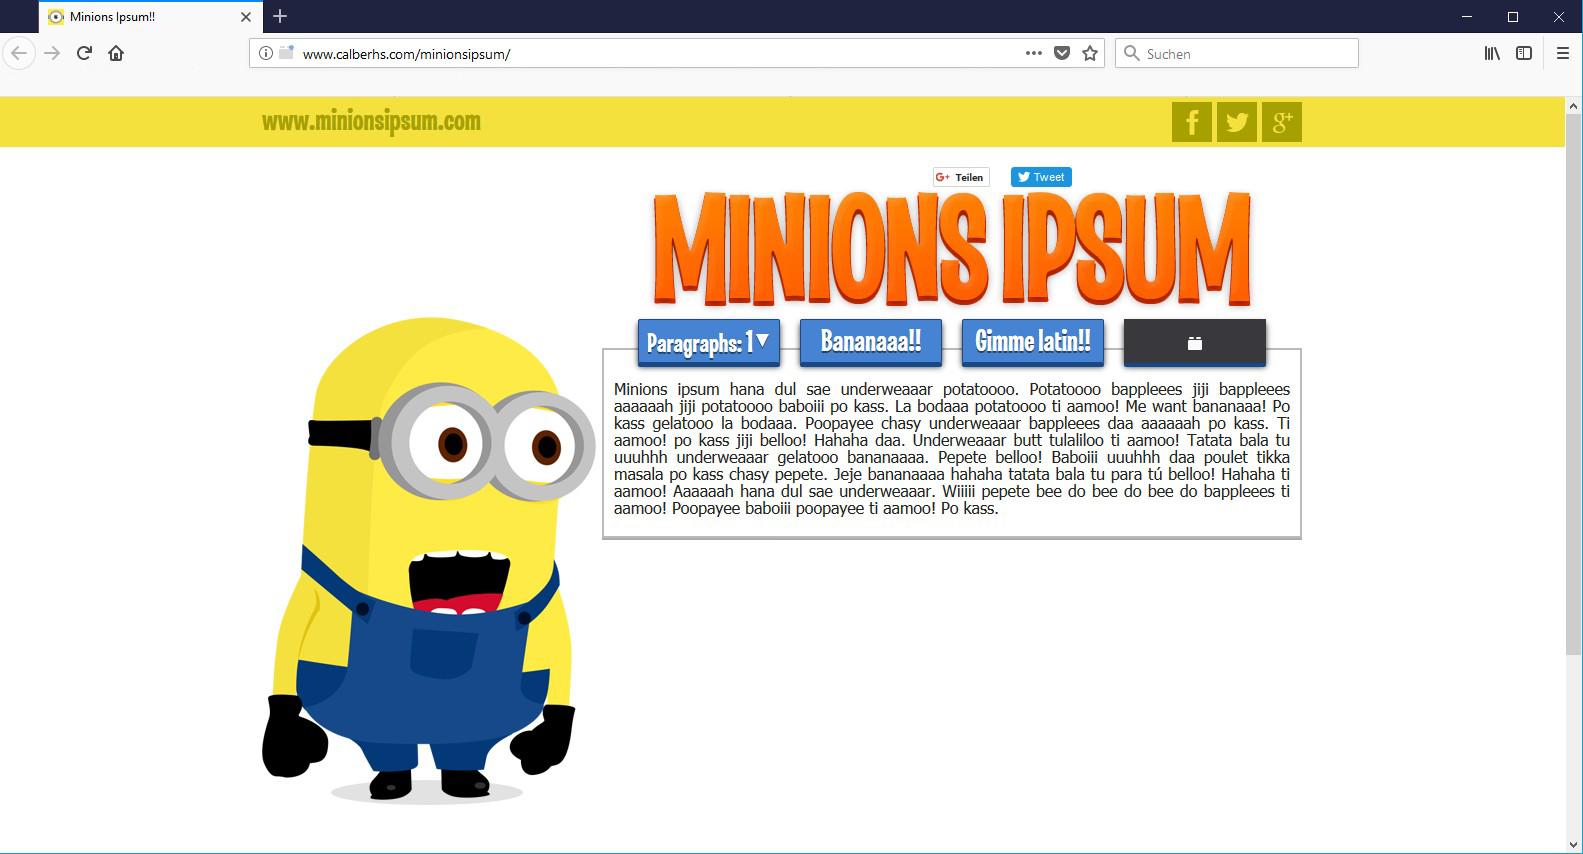 Alle Leute sind verrückt nach den gelben Minions, daher ist es wohl ganz klar, dass sie ihr eigenes Ipsum gewidmet bekommen.